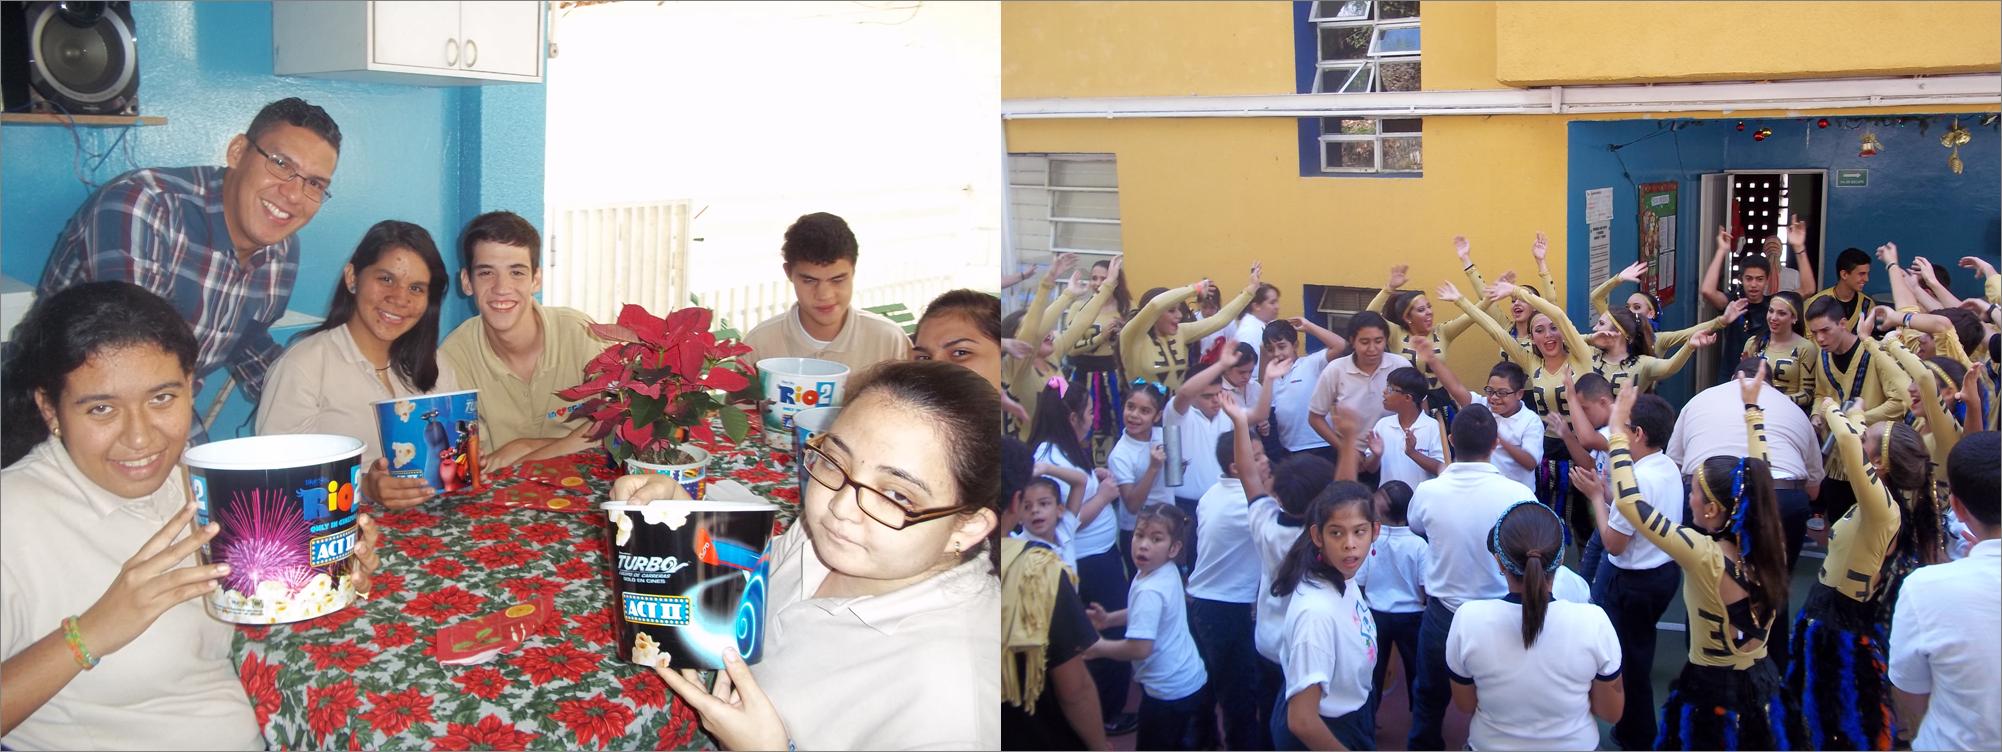 El Centro de Educación Especial Invedin recibe la Navidad